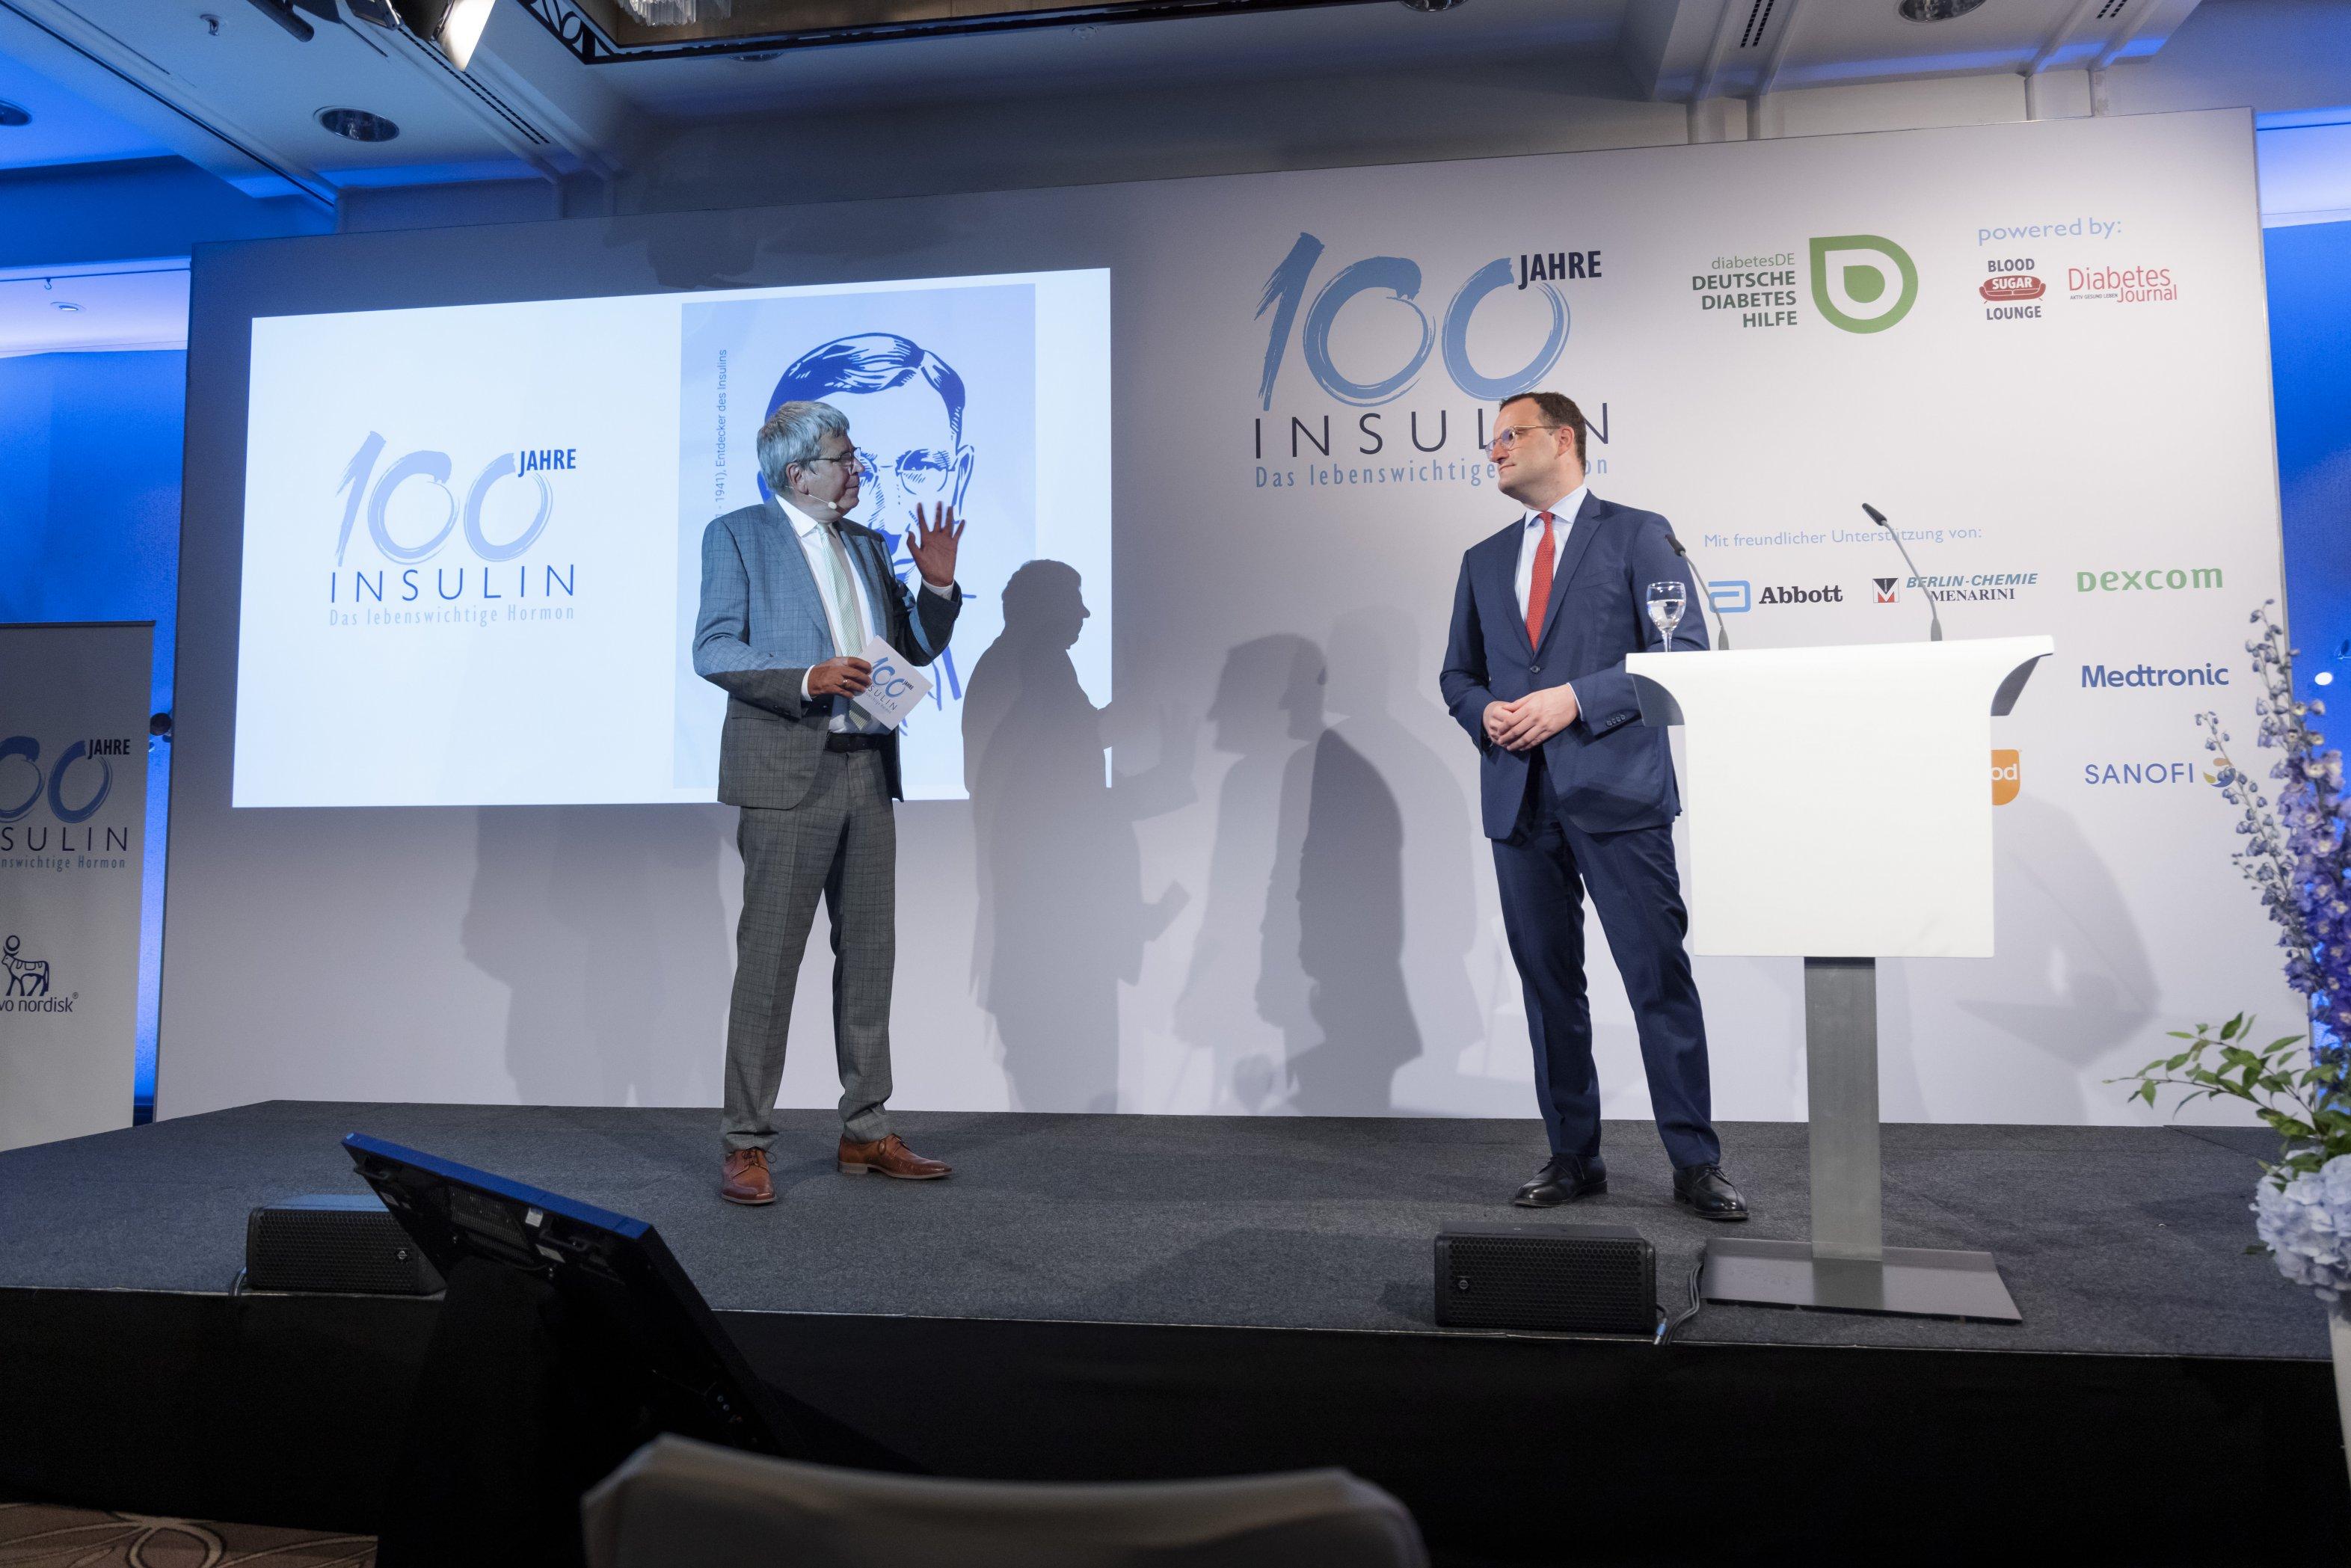 Event 100 Jahre Insulin: Dr. Kröger stellt kritische Fragen an Gesundheitsminister Jens Spahn